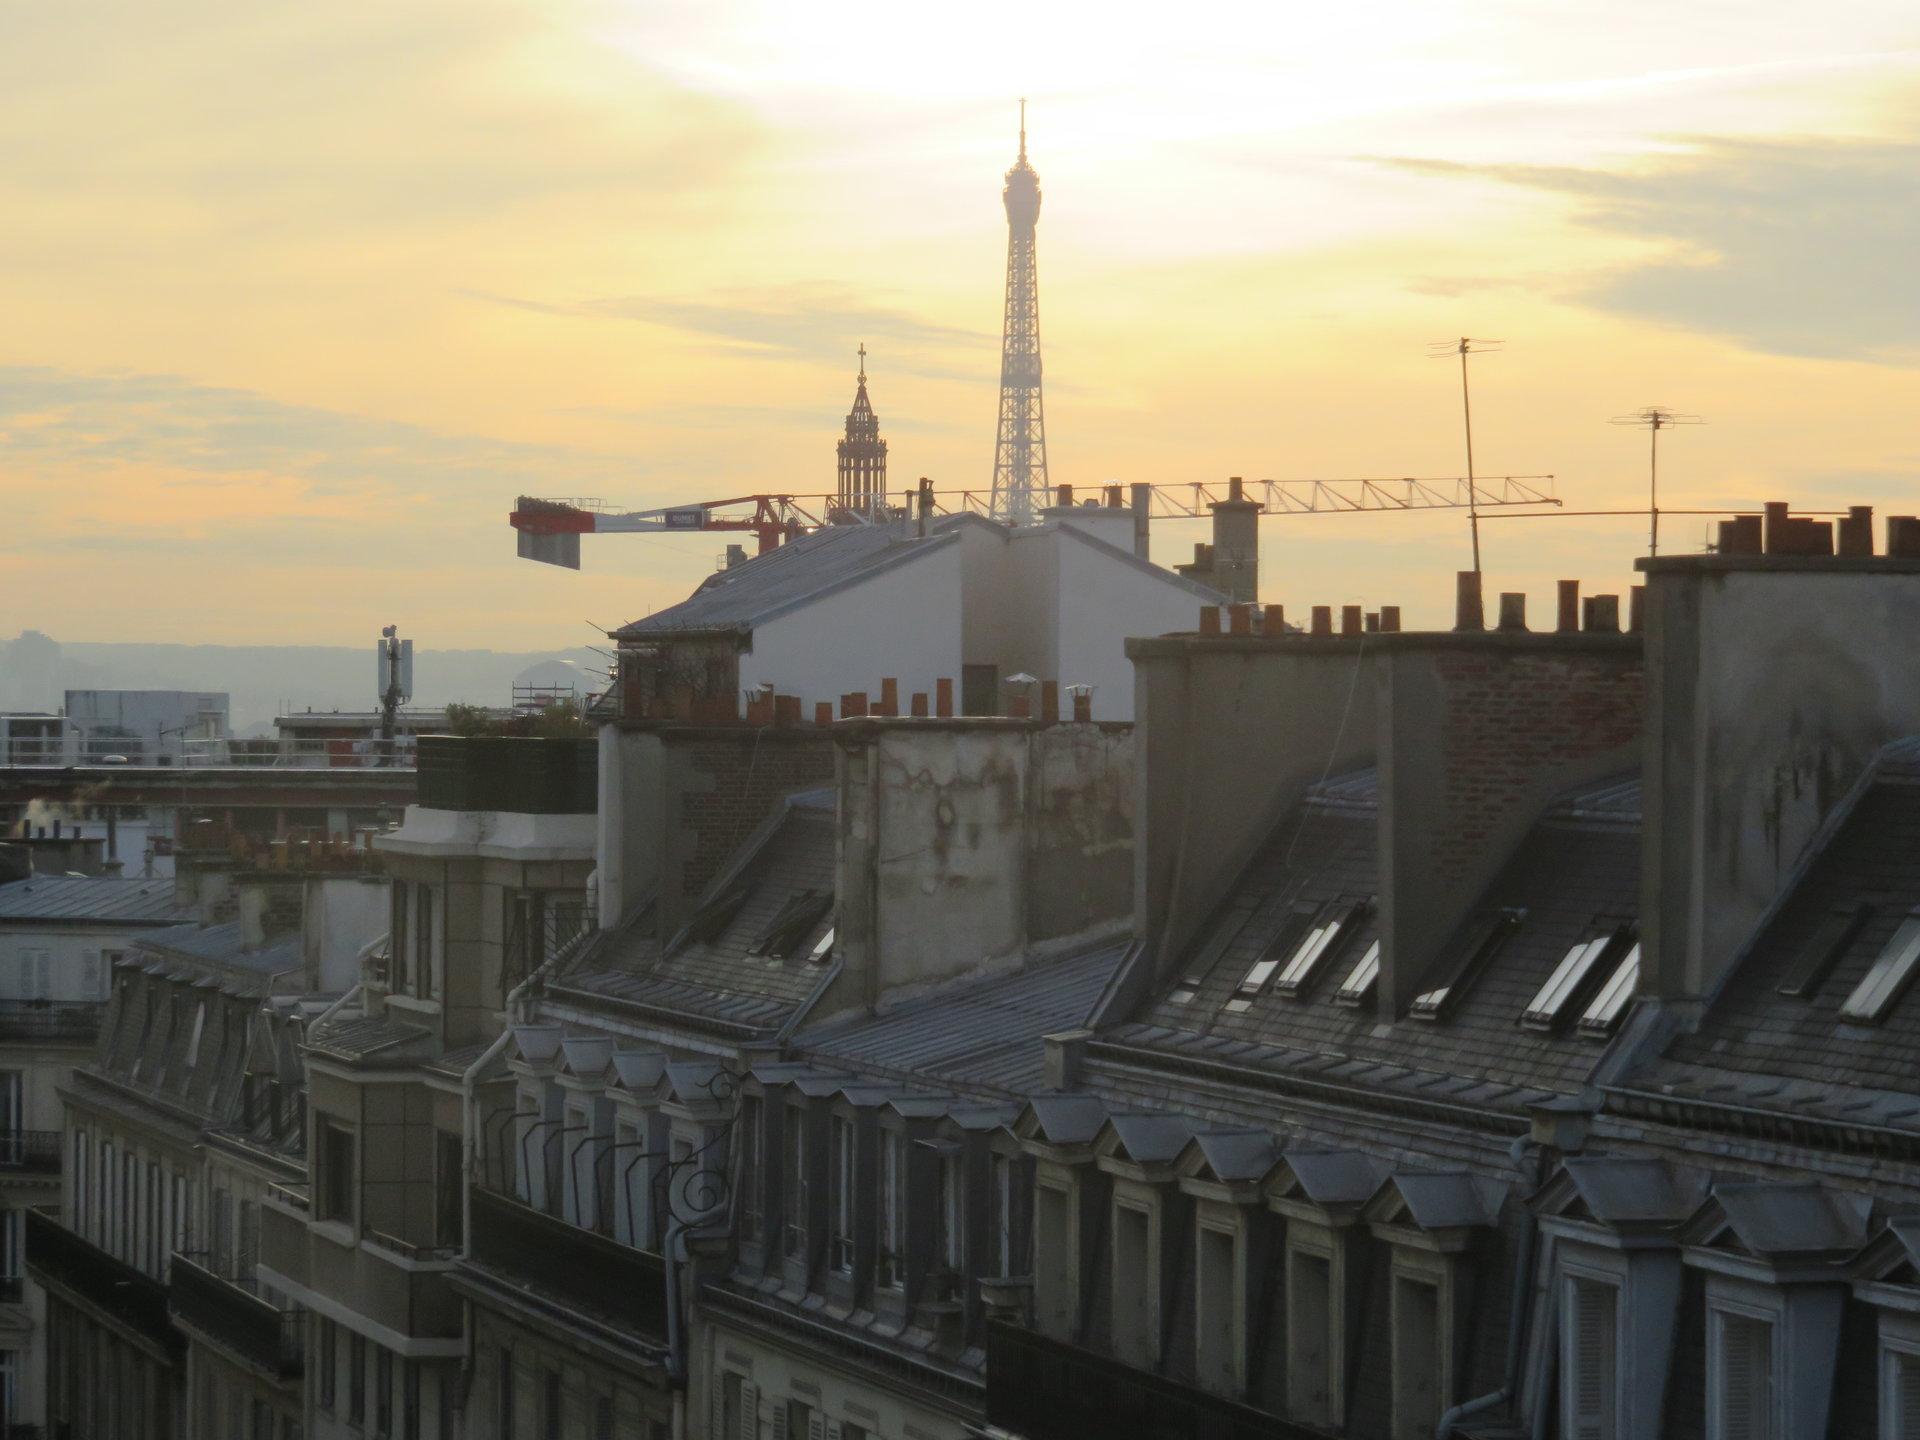 Paris VIII - SECTORISATION CONDORCET - STUDETTE MEUBLÉE-  BALCON - VUE TOUR EIFFEL CIEL ET TOITS